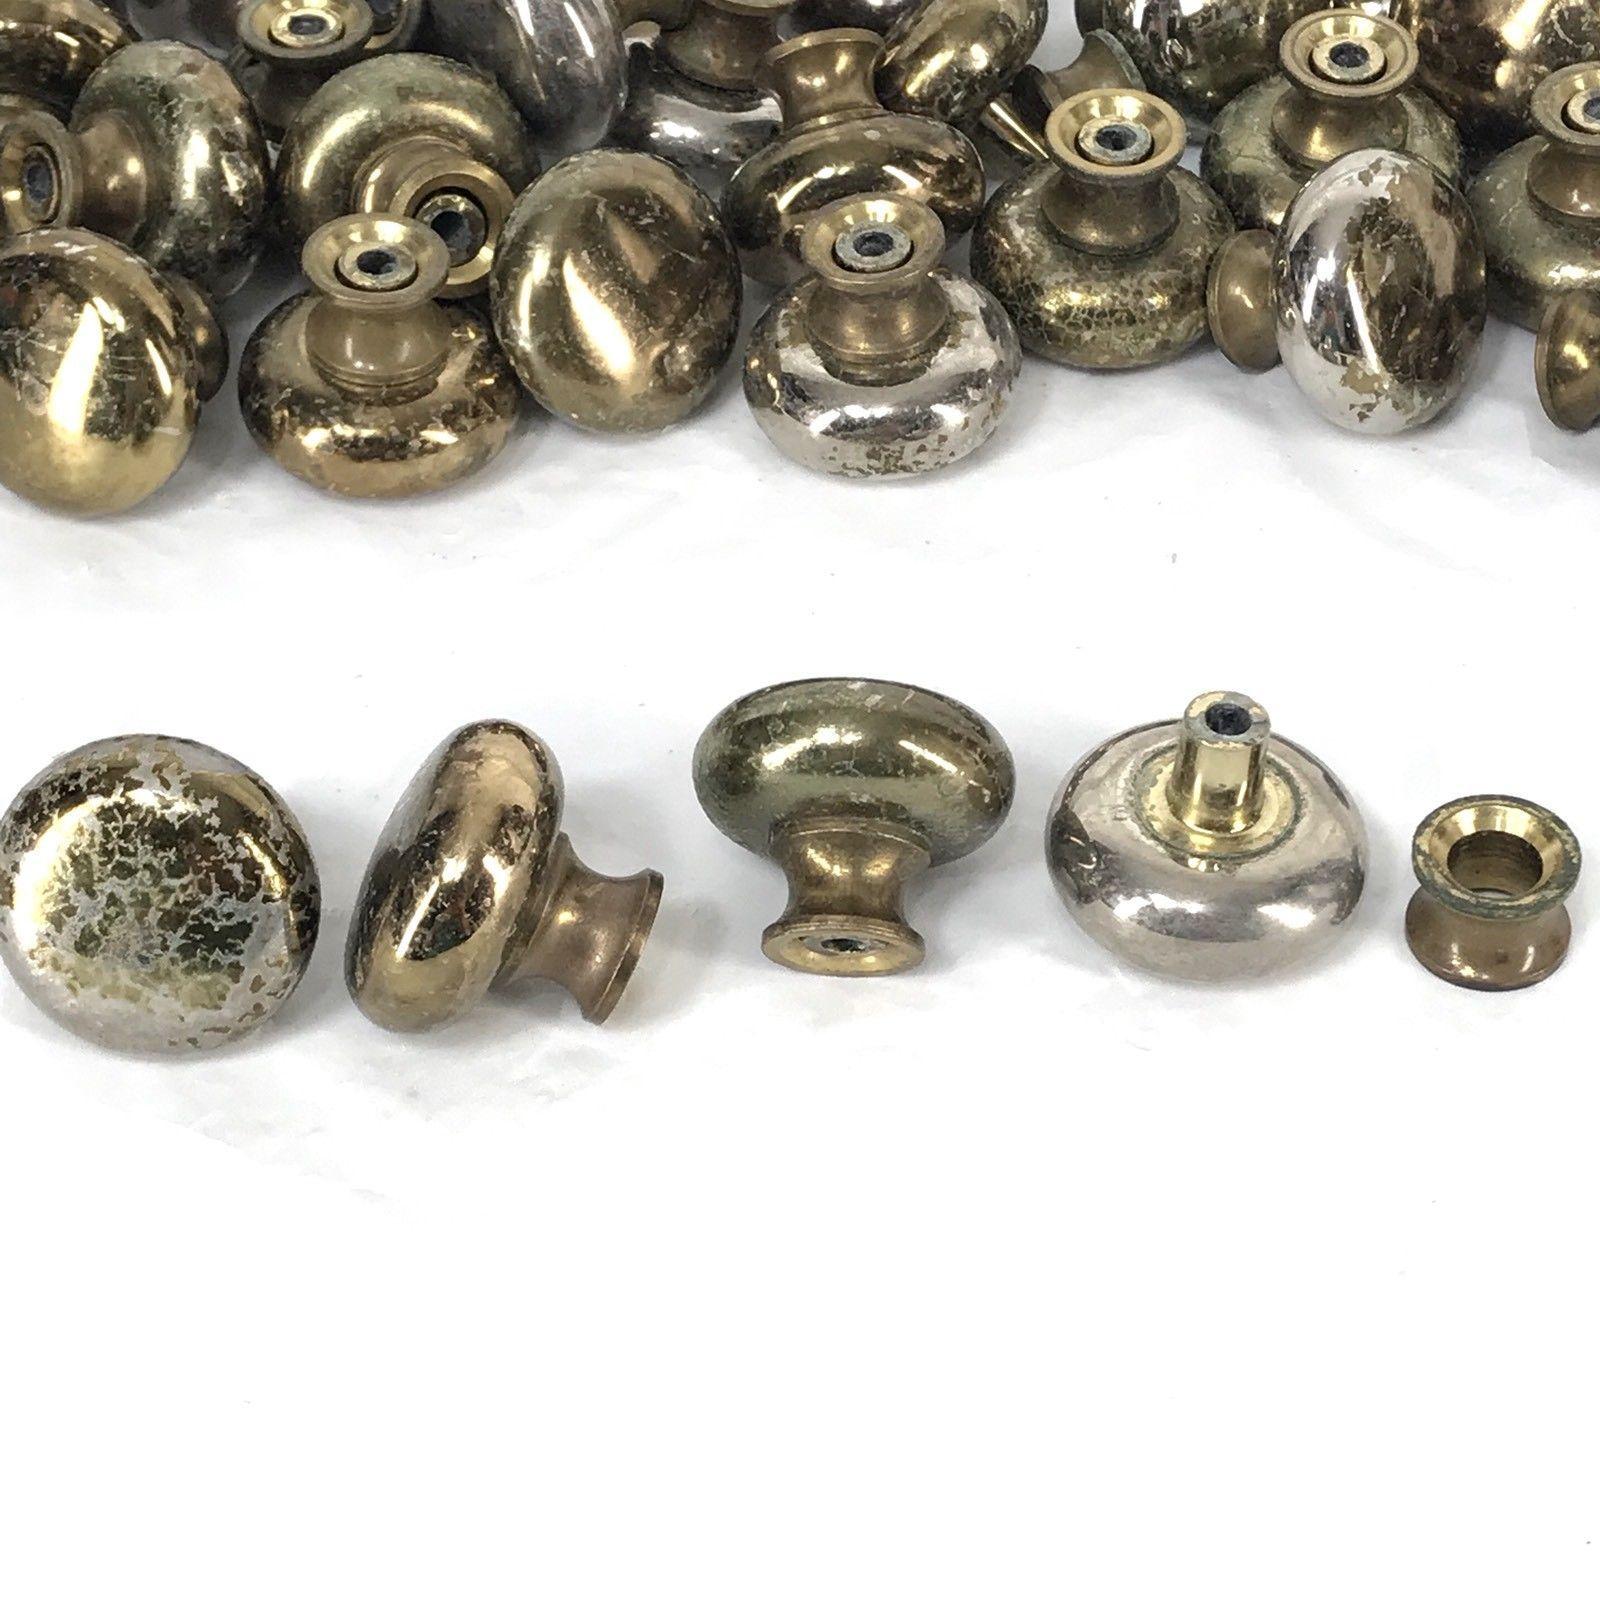 Vintage Mushroom Cabinet Drawer Knob Pull Handle Plated Distressed Lot of 39